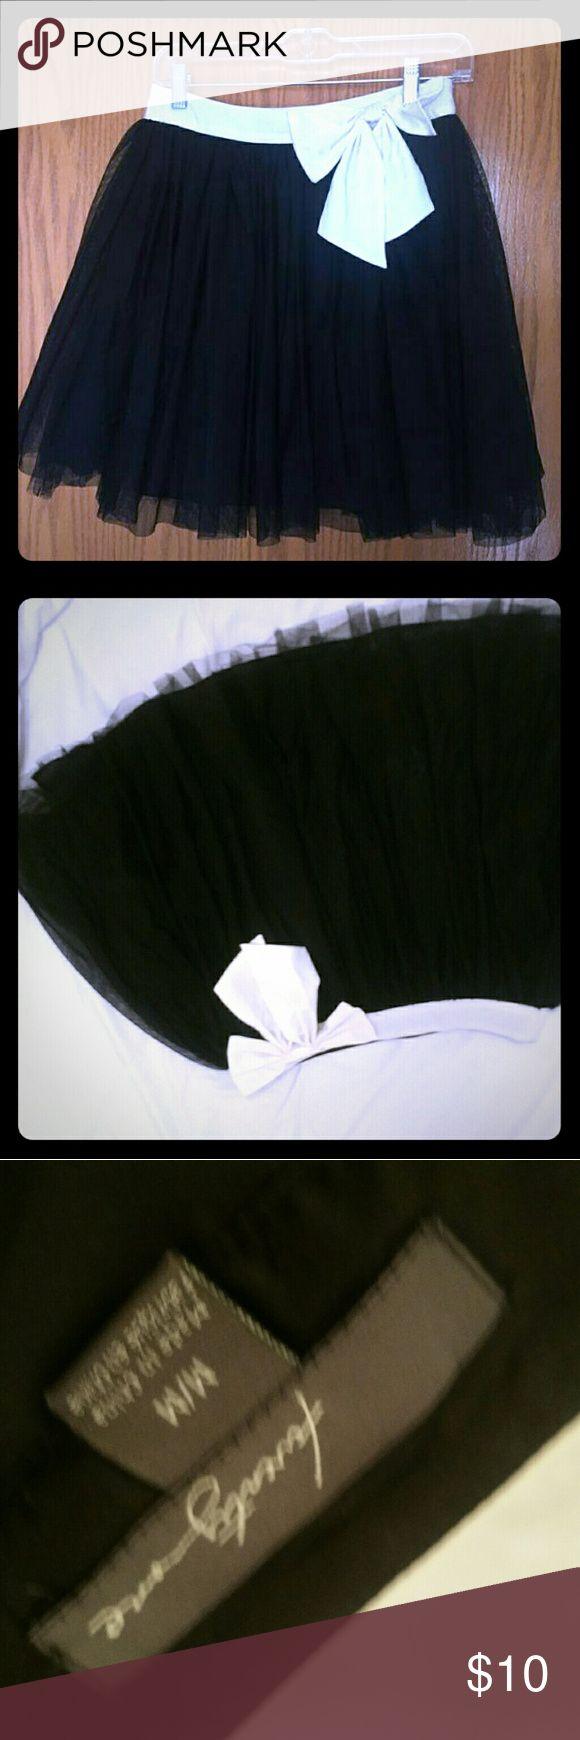 Tulle fun skirt Black tulle skirt with cream bow waistline Forever 21 Skirts Mini